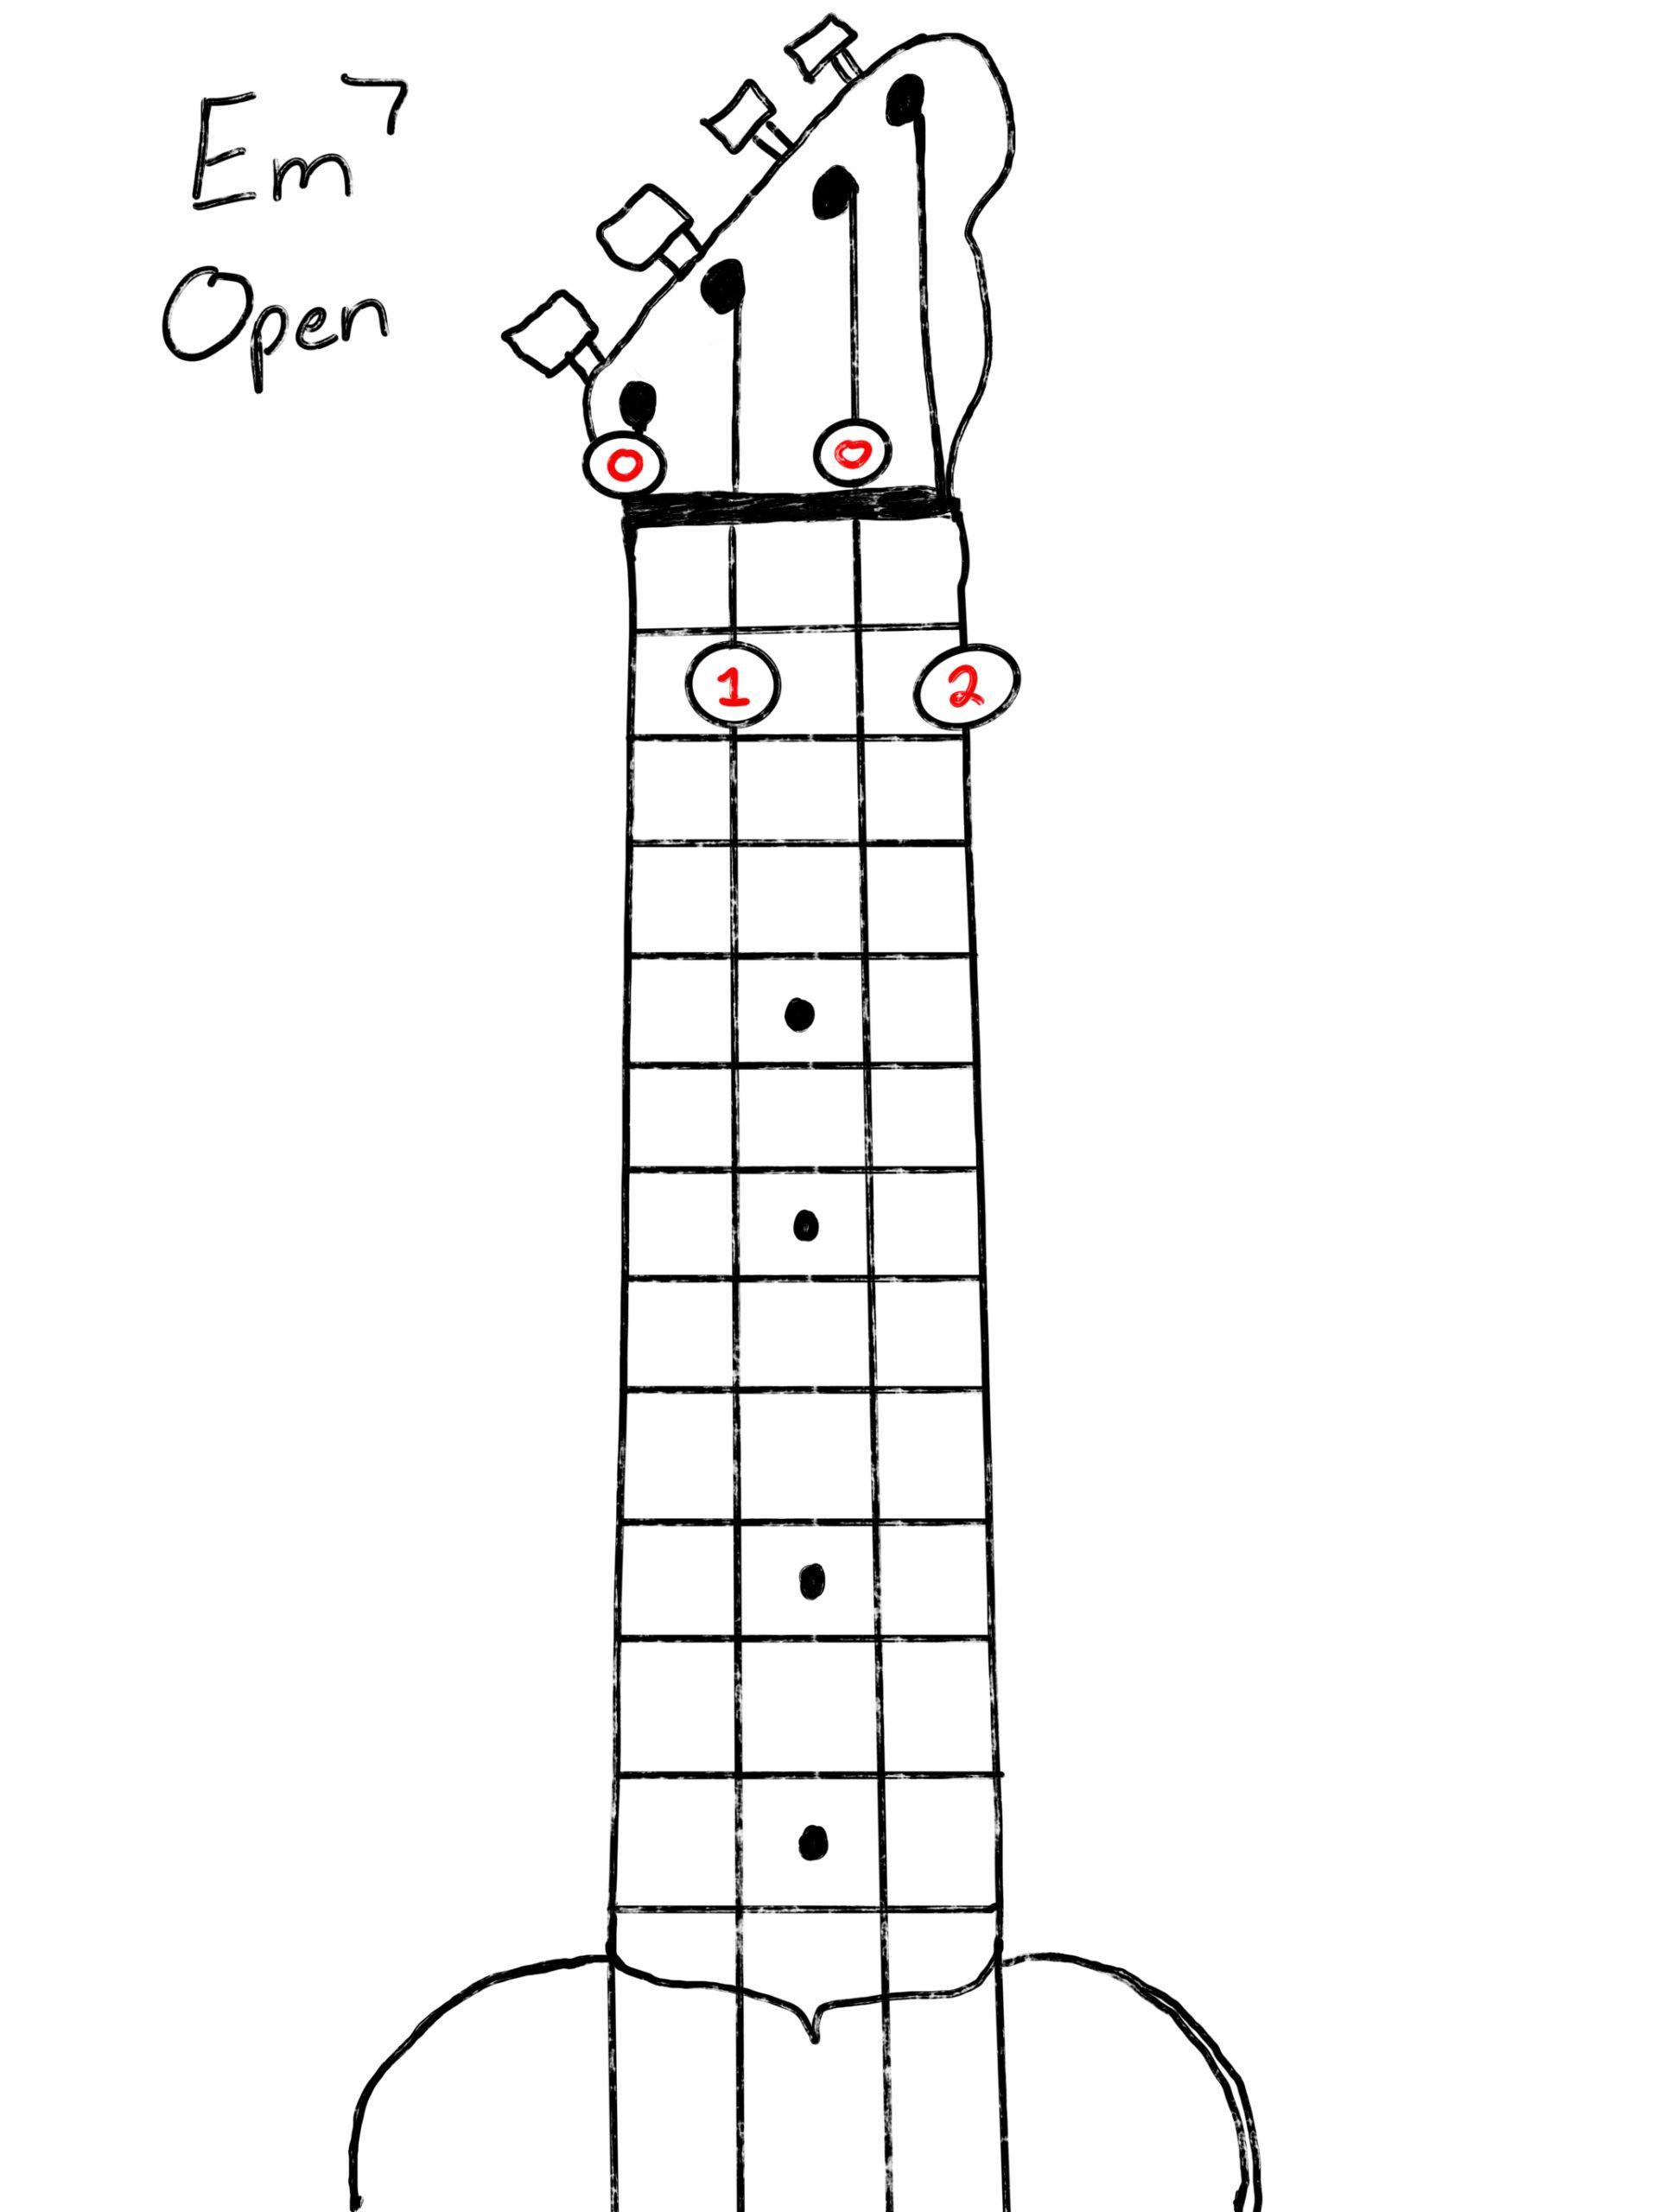 em7 chord